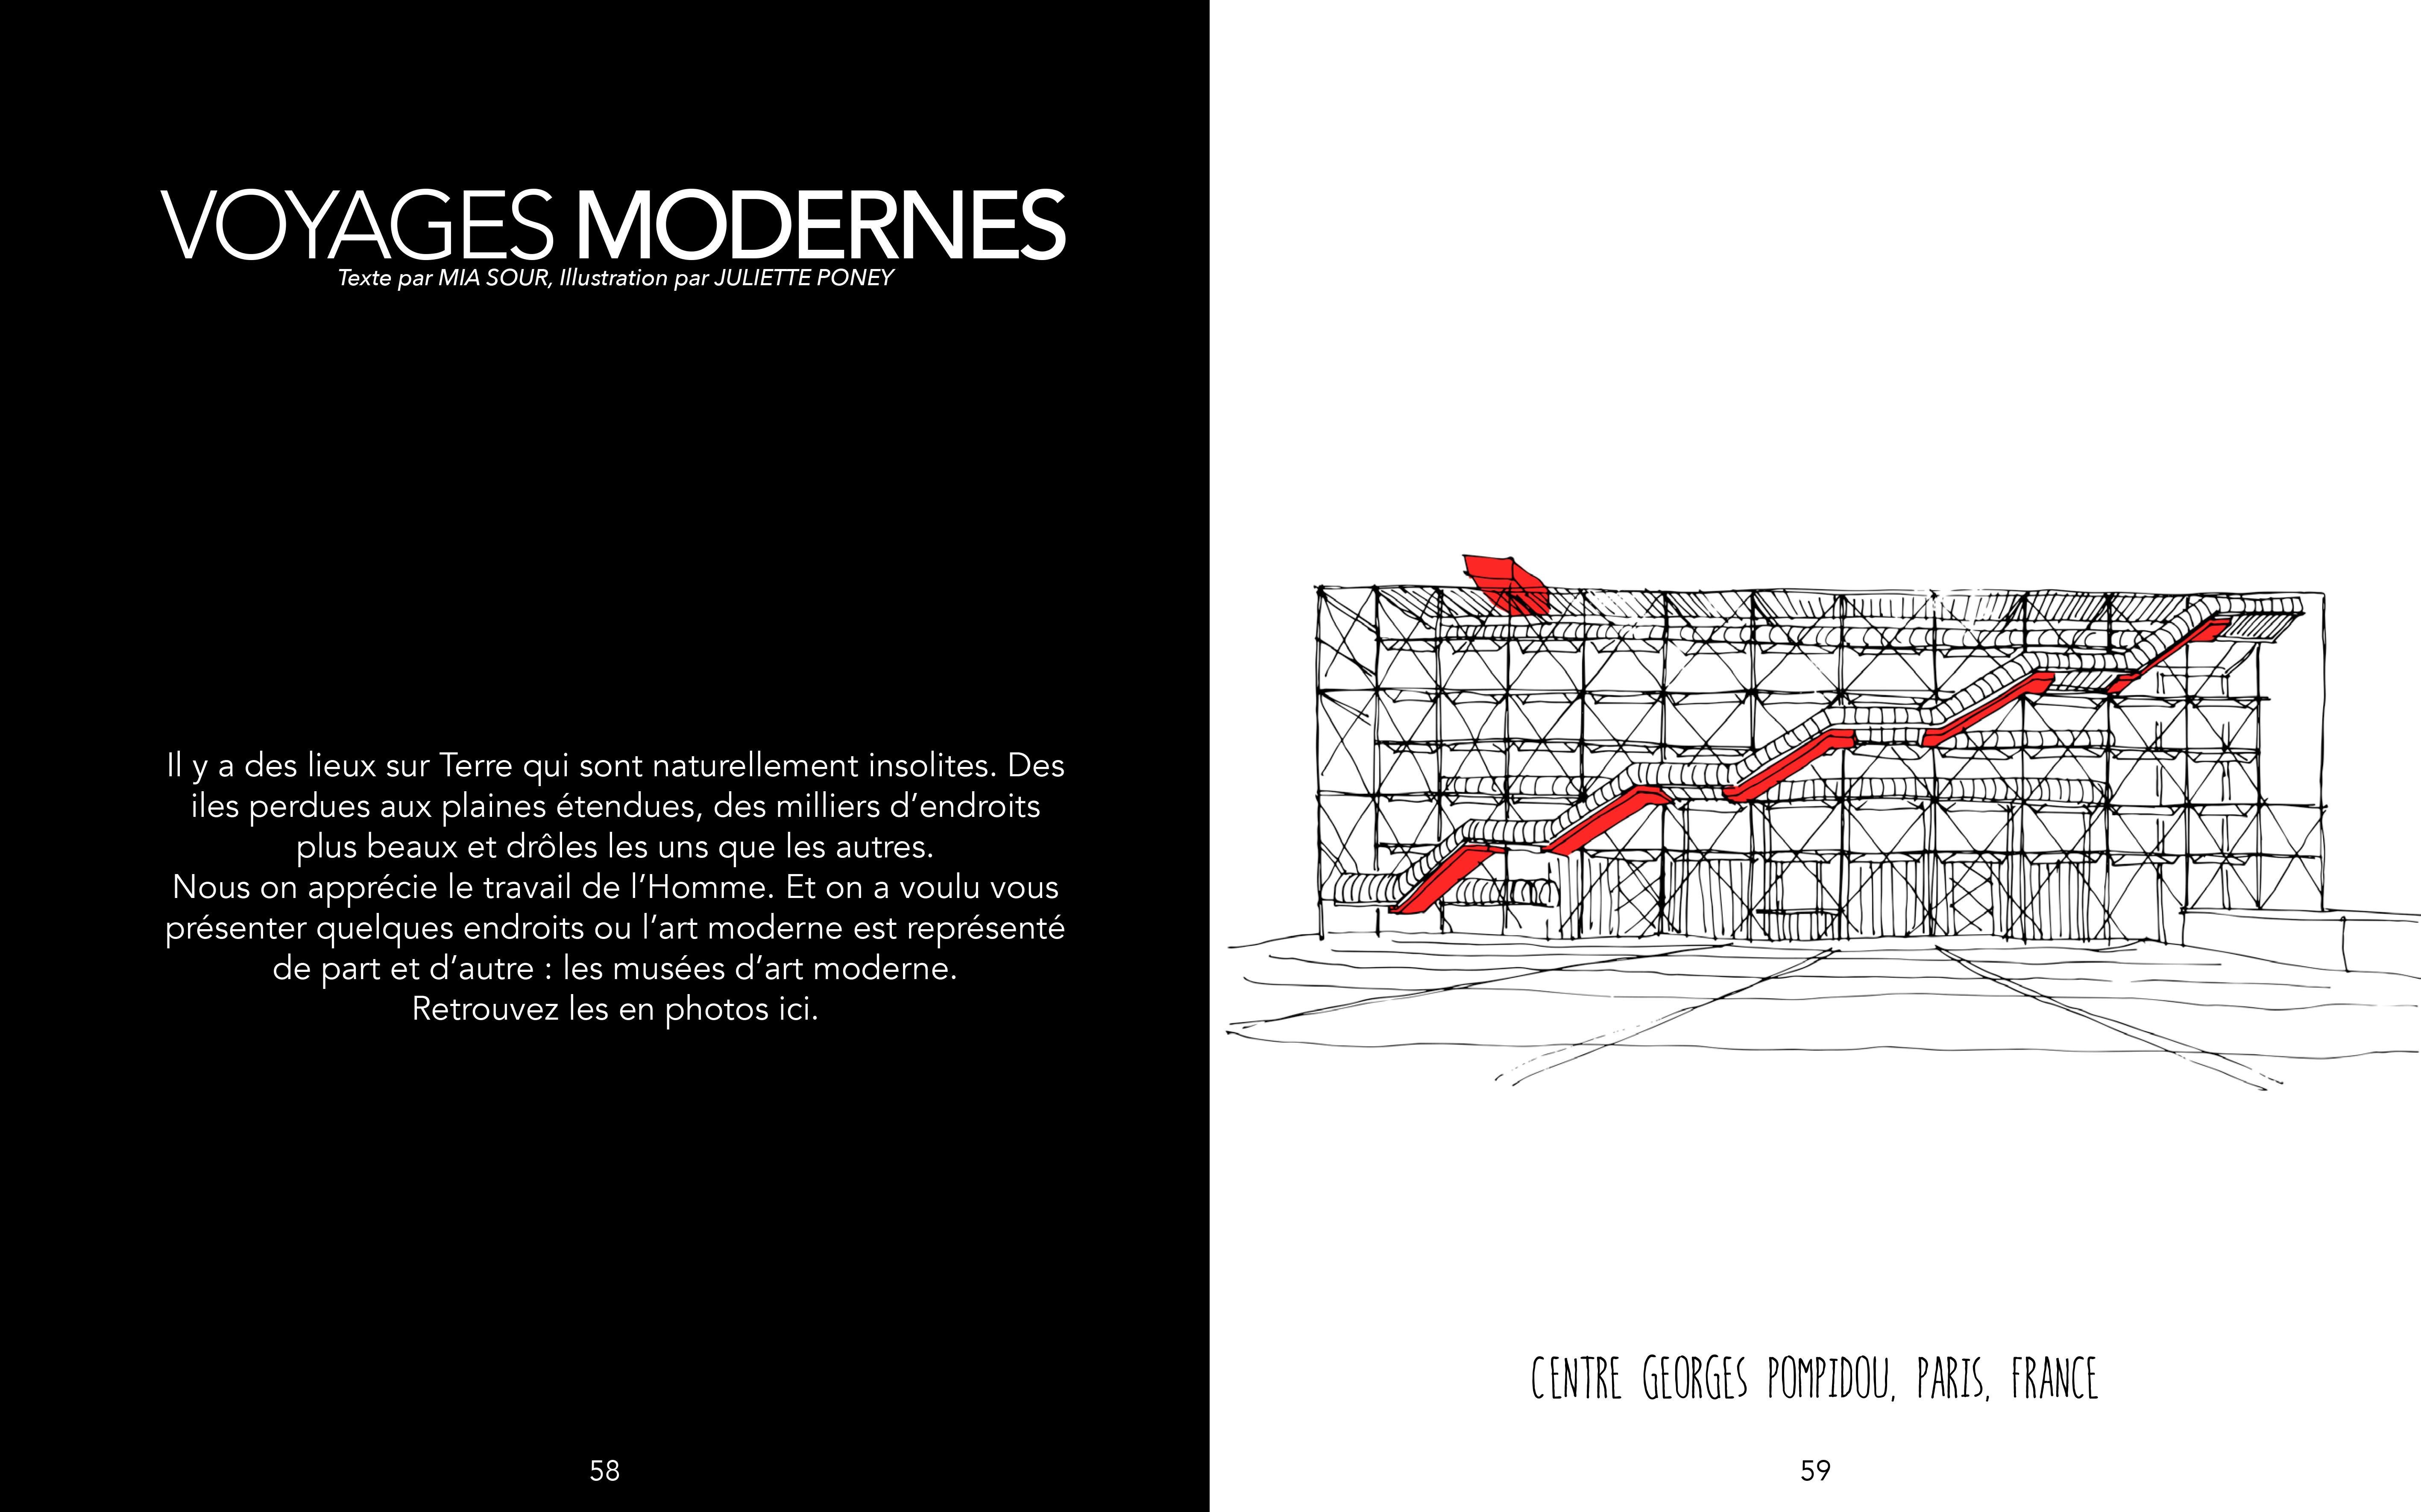 Voyages Modernes